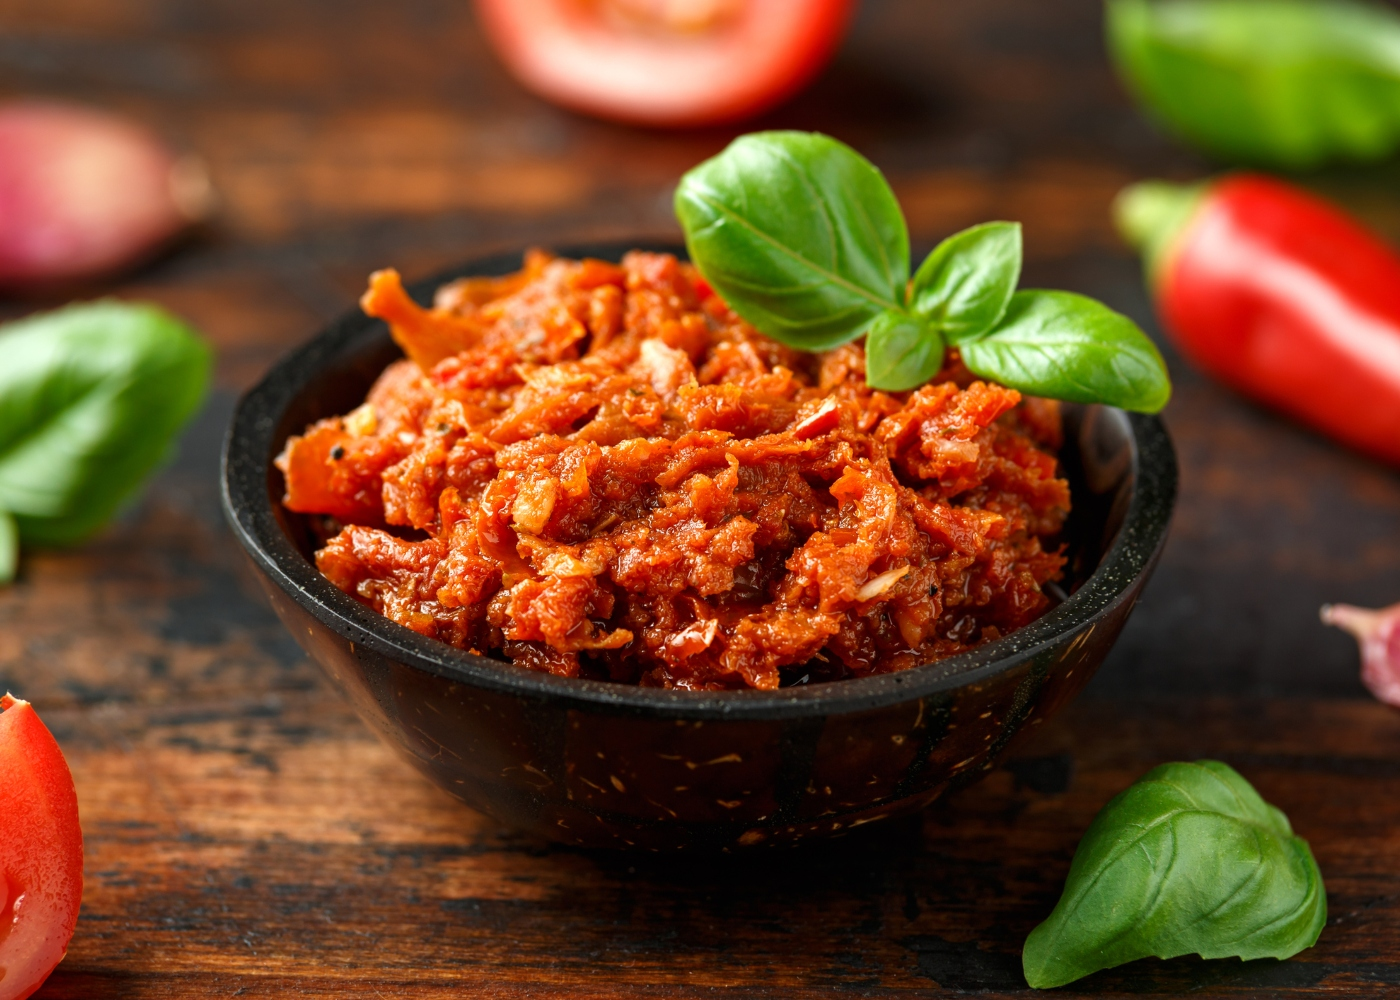 molho de pesto de tomate seco e cherry